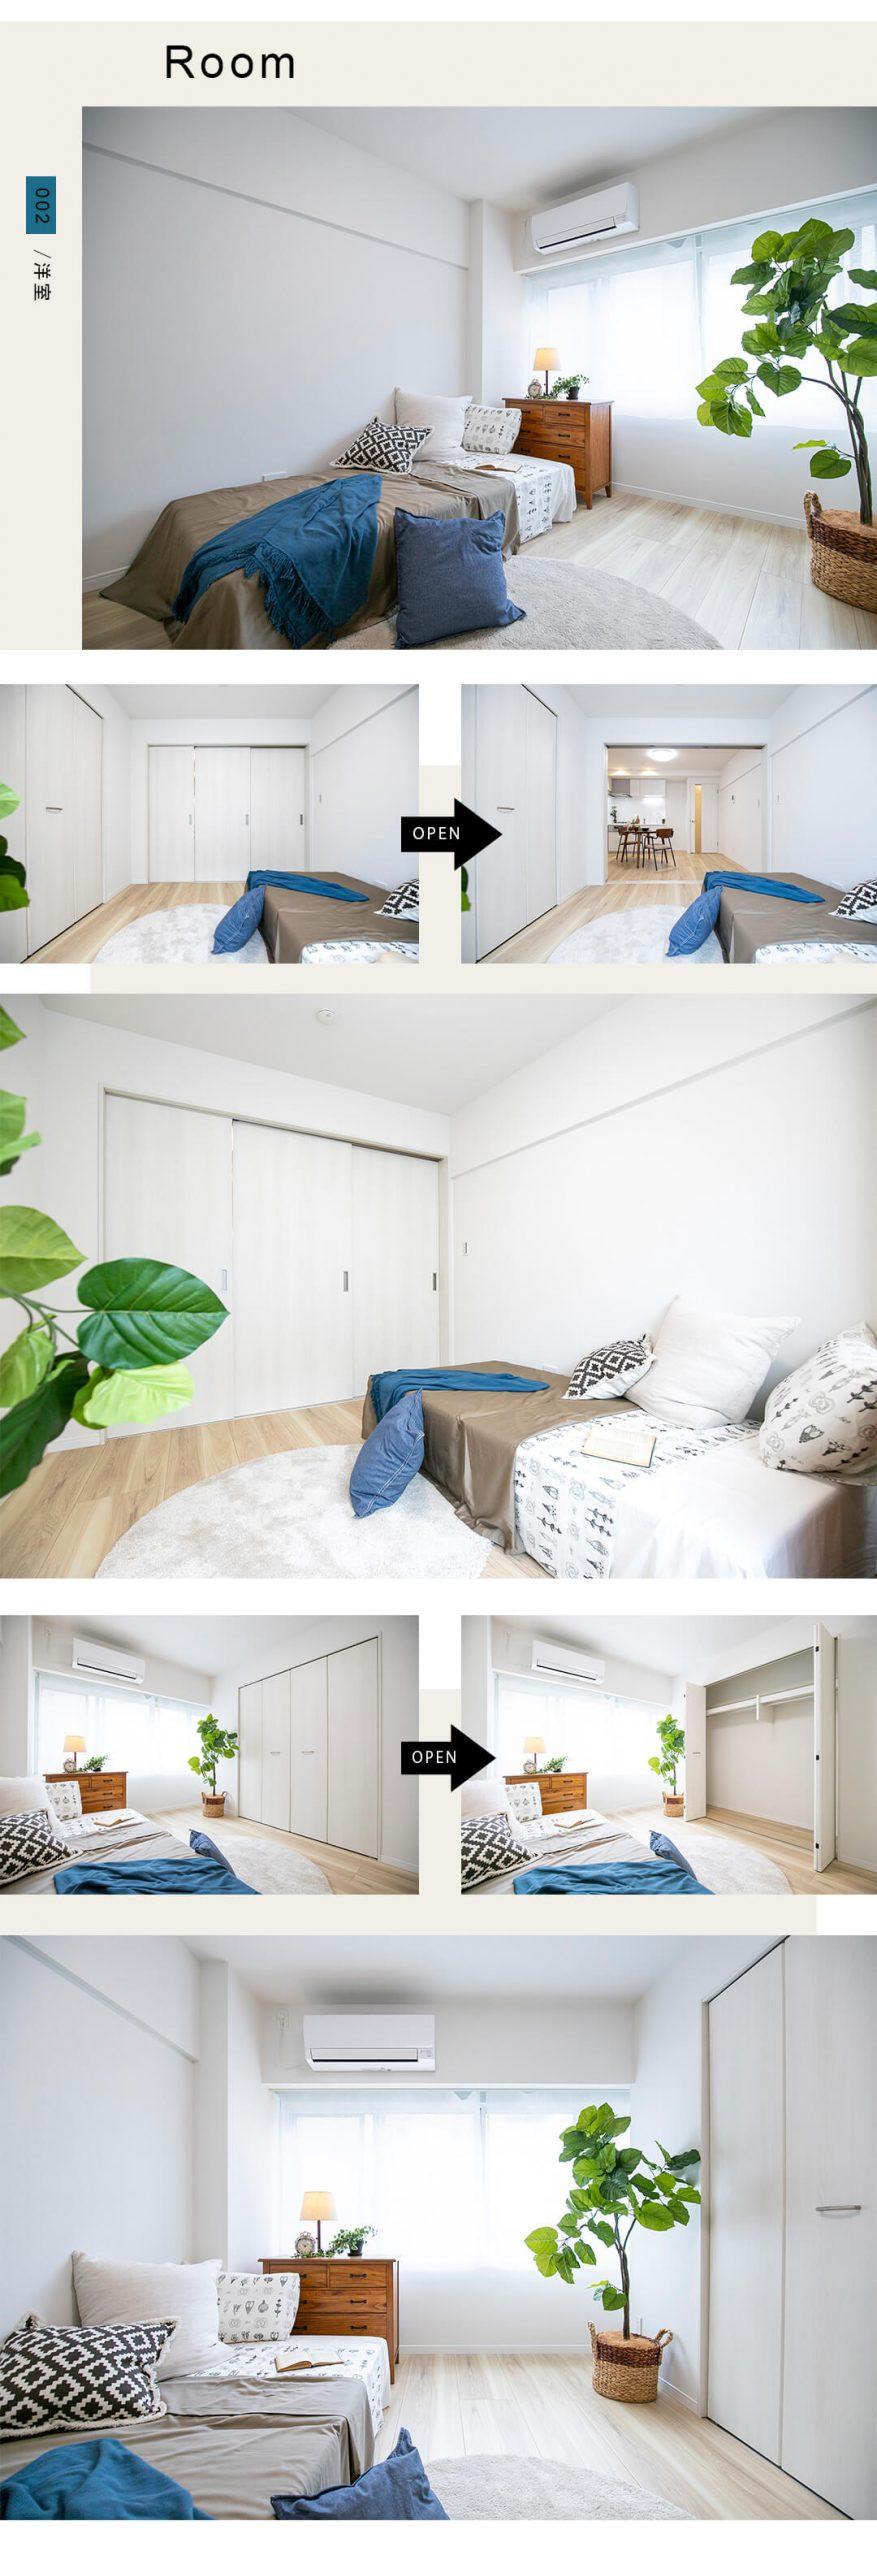 002洋室,Room